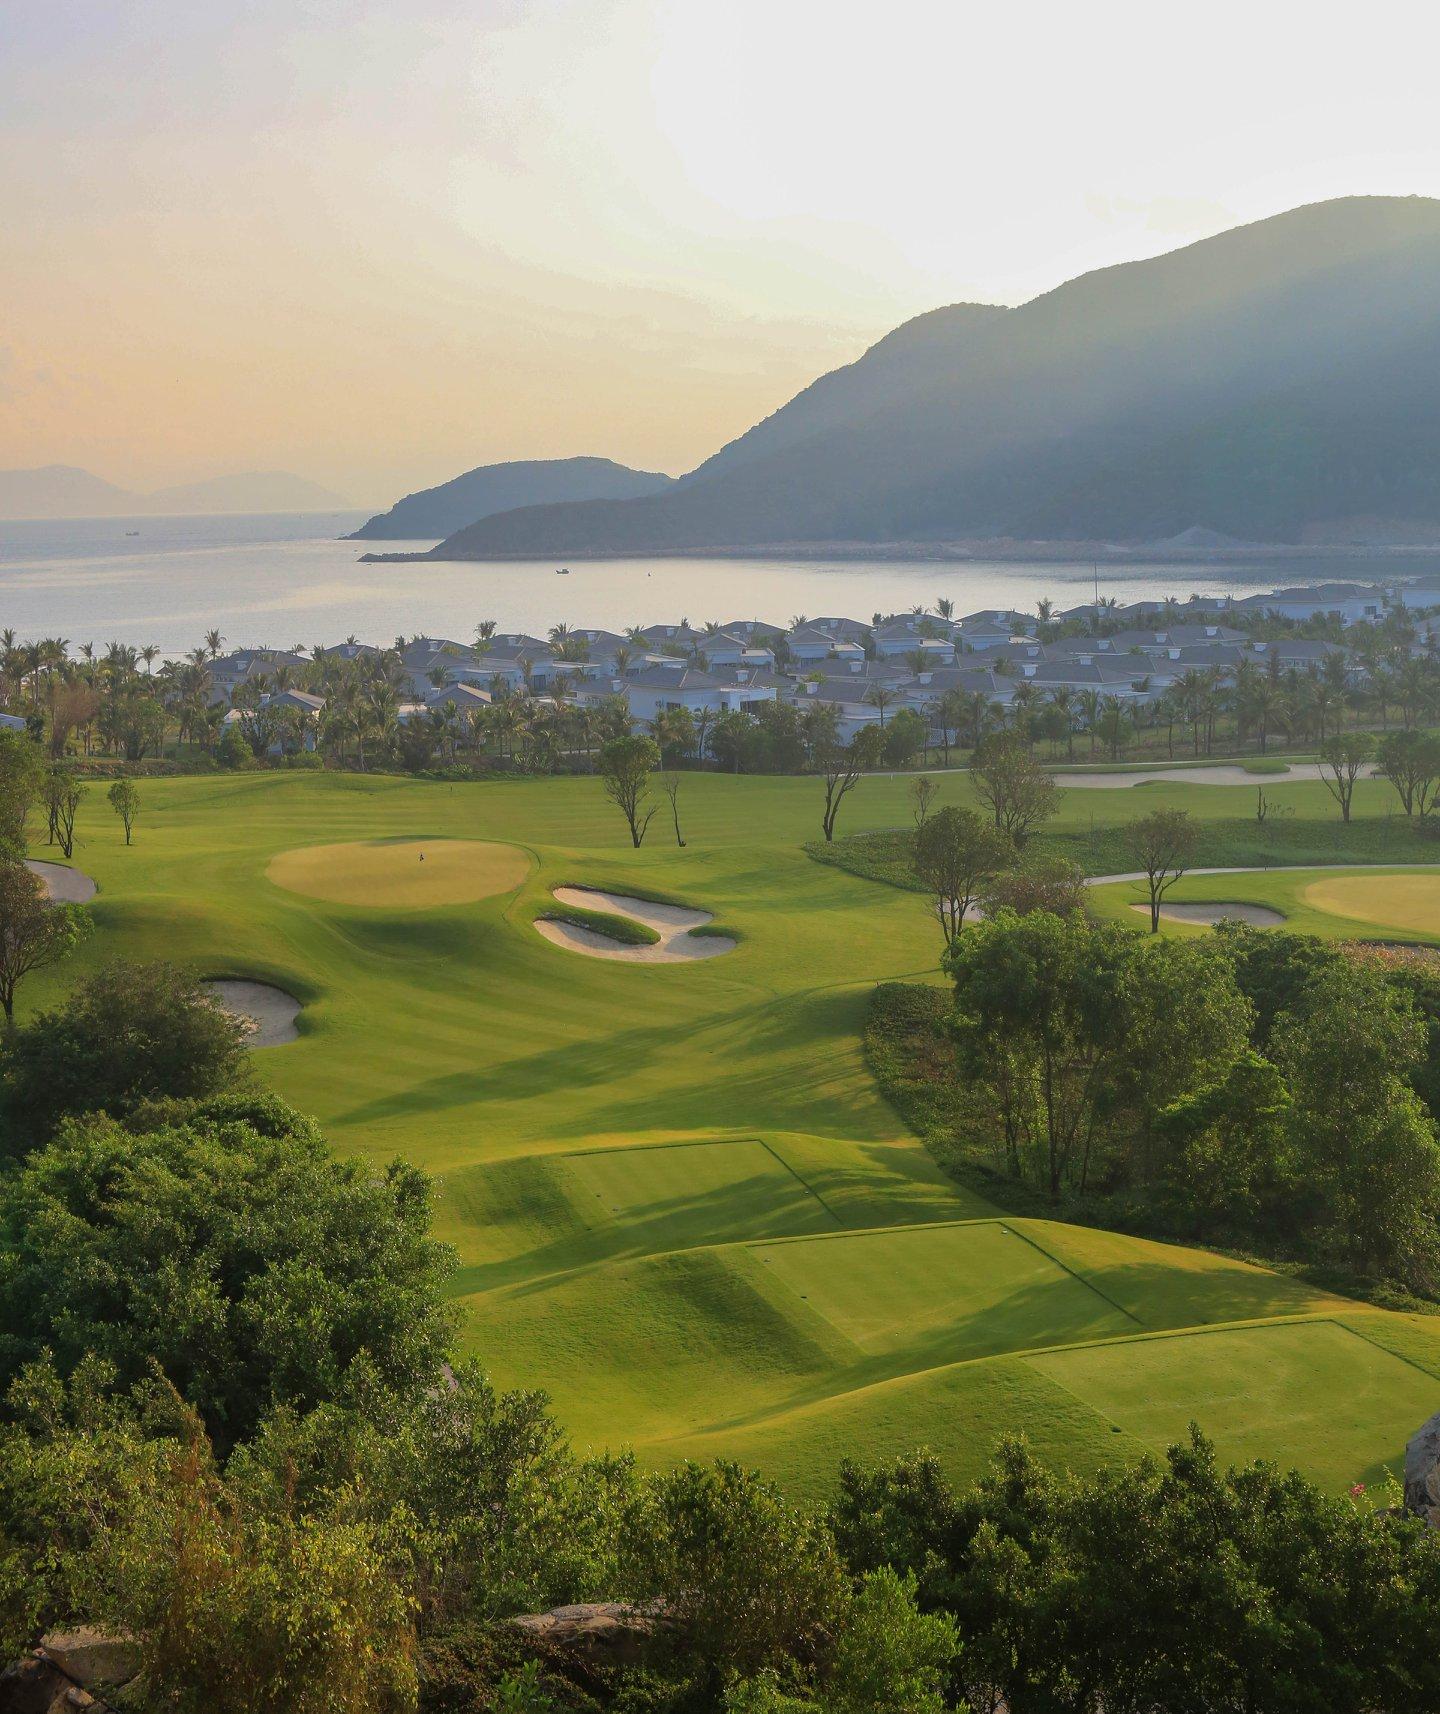 Sân gôn Vinpearl Golf Nha Trang